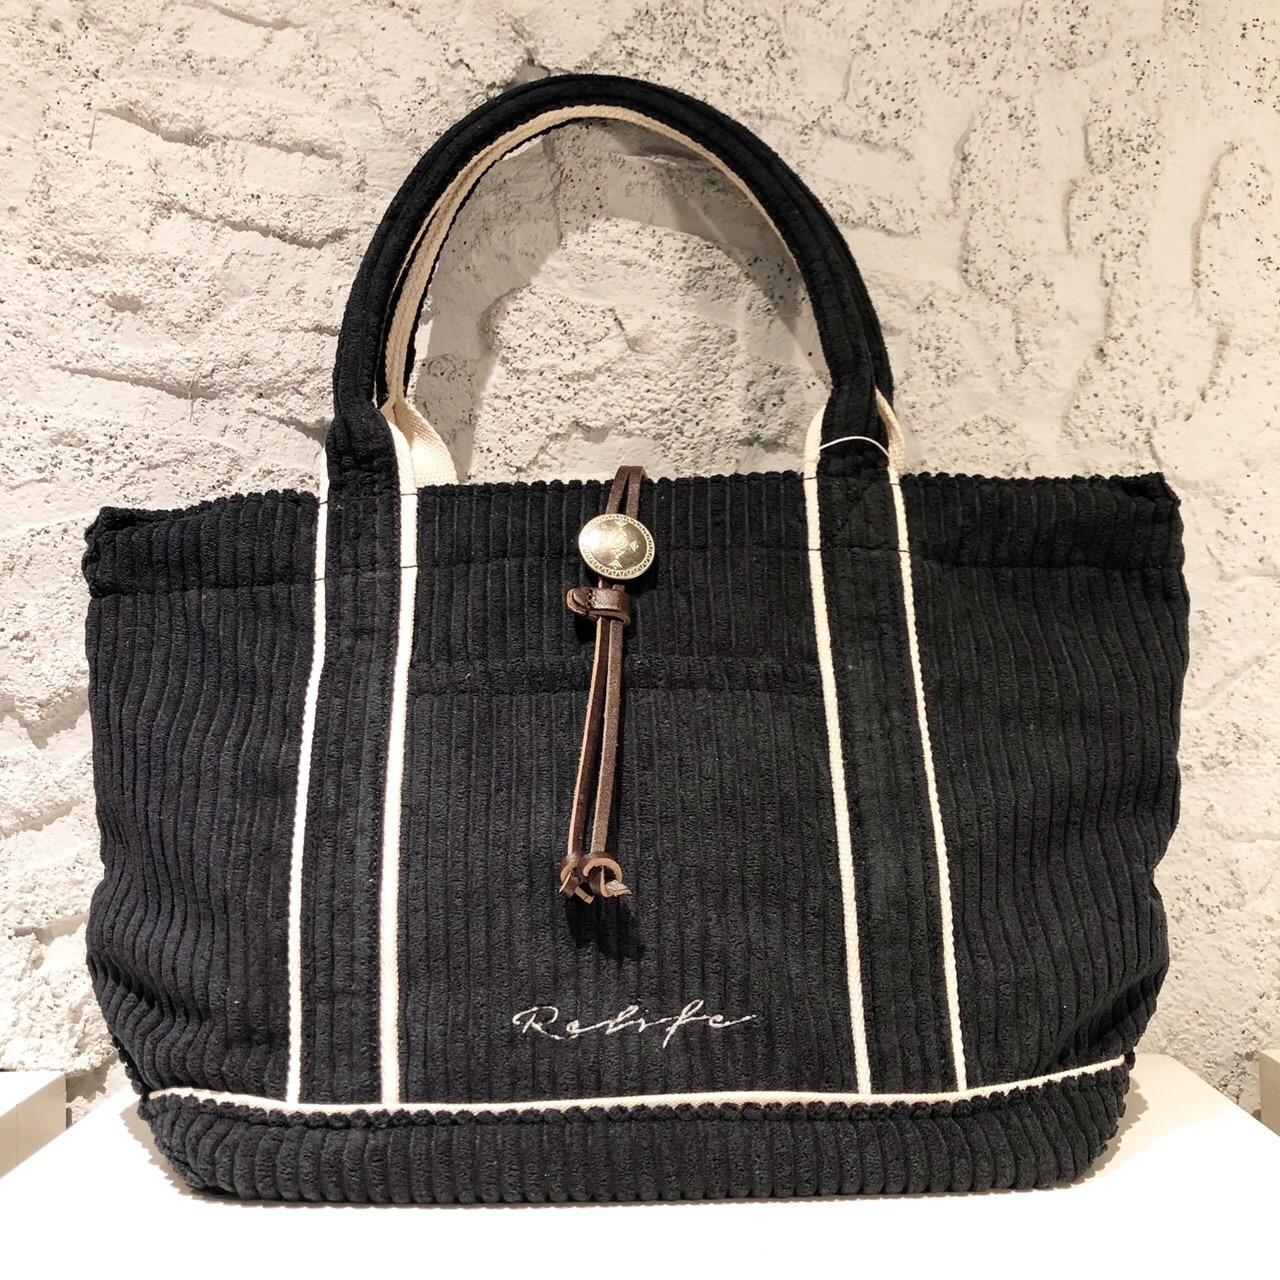 コーデュロイトートバッグ/キャメル/ブラックの2色